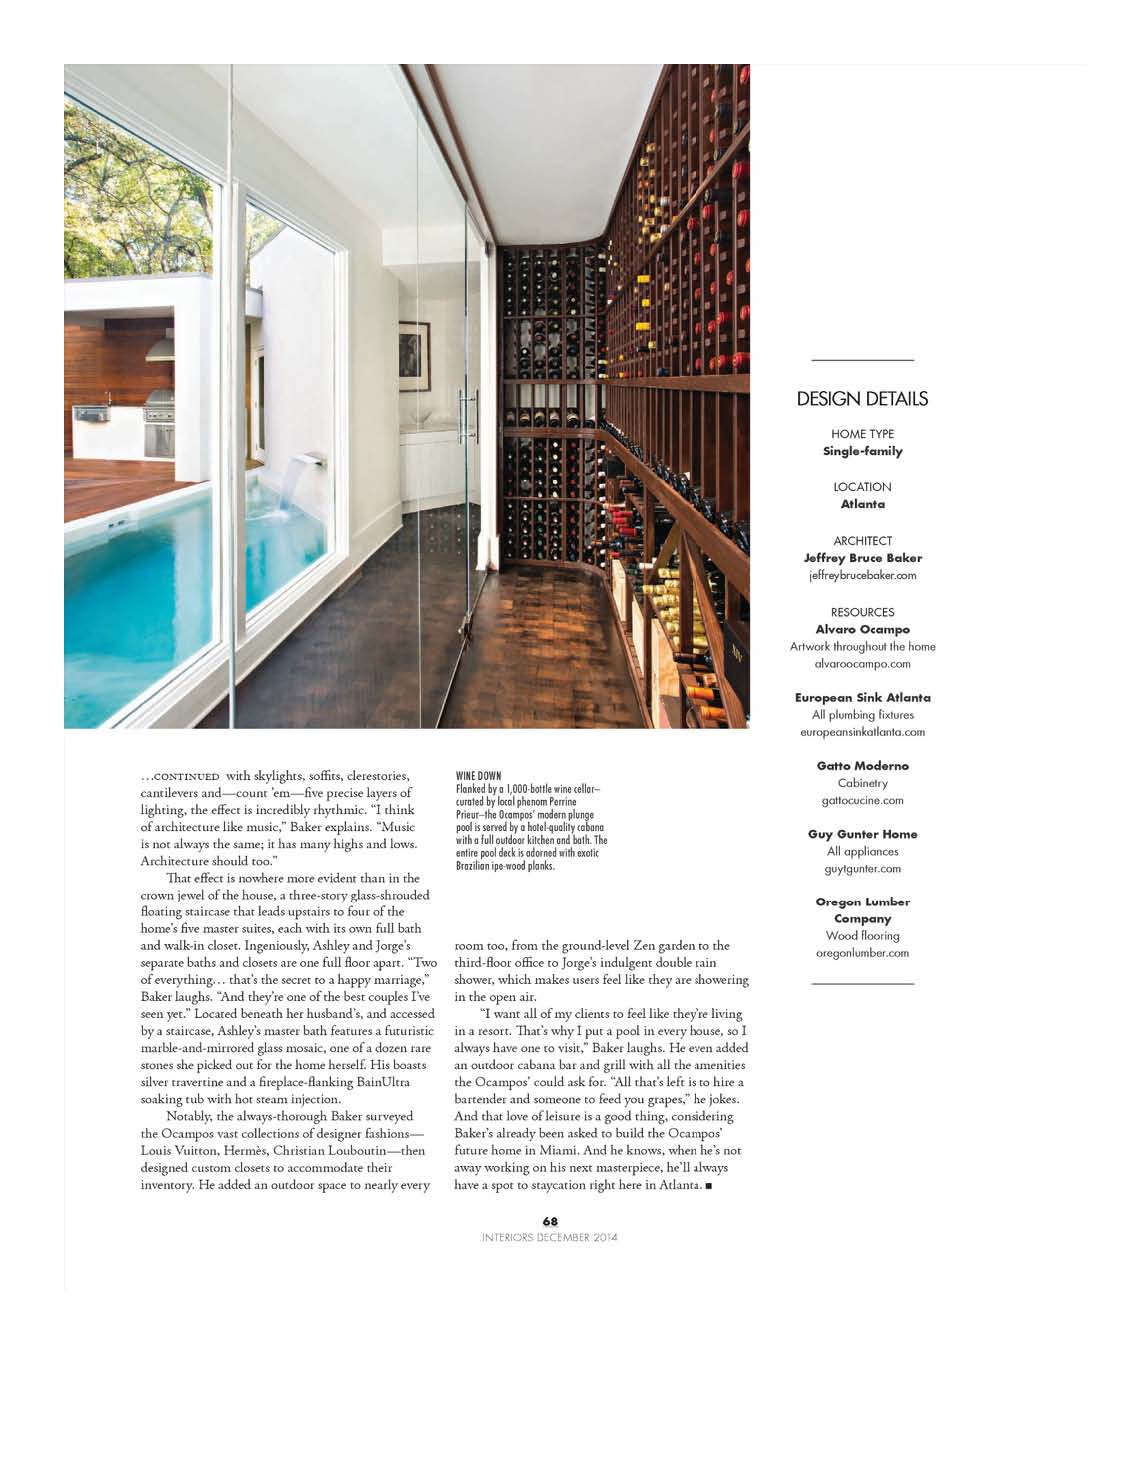 The-Atlantan _ Modern Luxury-Jeffrey-Bruce-Baker09.jpg